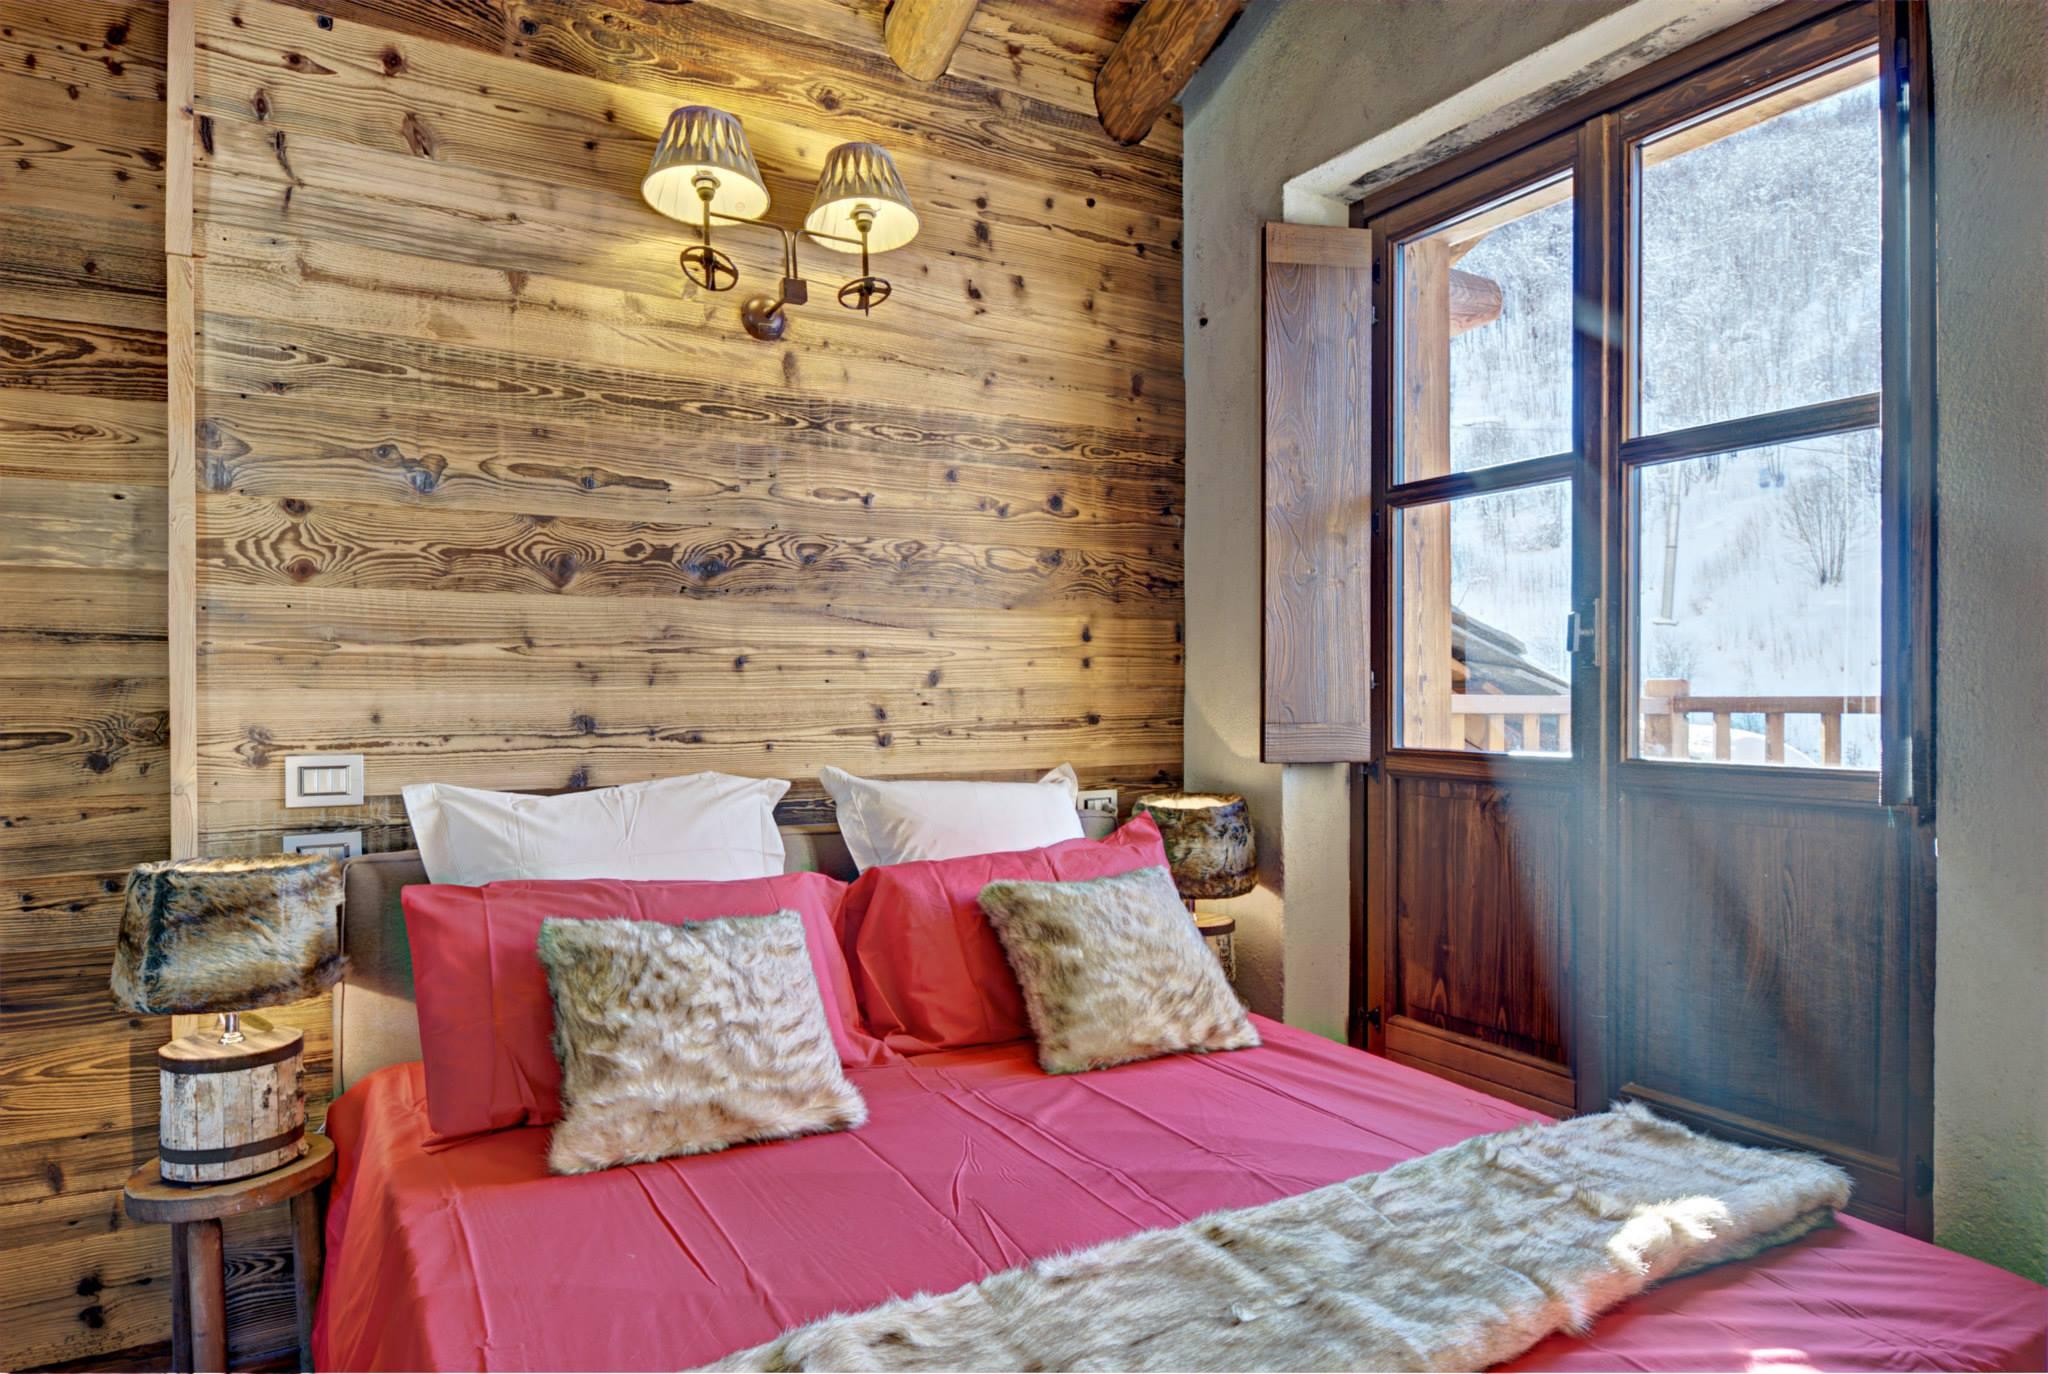 Dise o de interiores r stico uso de madera y piedra for Diseno de dormitorios